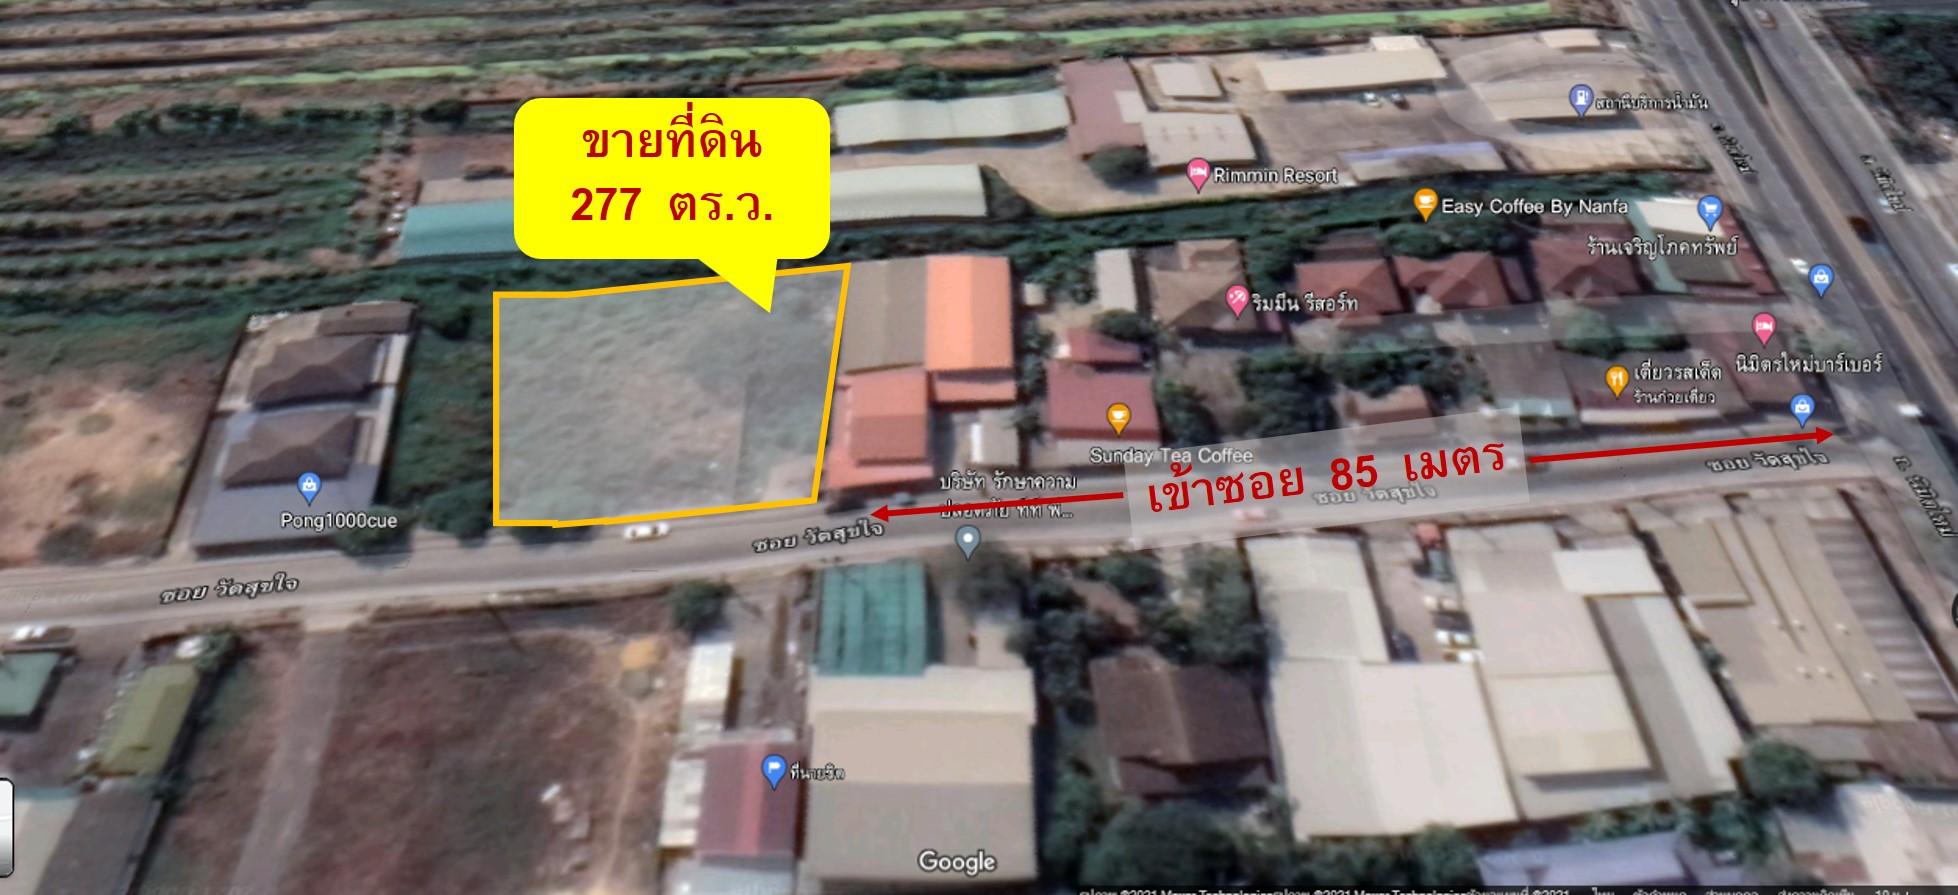 ขายด่วนที่ดินเปล่า ซอยวัดสุขใจ เข้าซอยไป 85 เมตร ขนาด 277 ตร.ว. ราคา 3.6 ล้านบาท